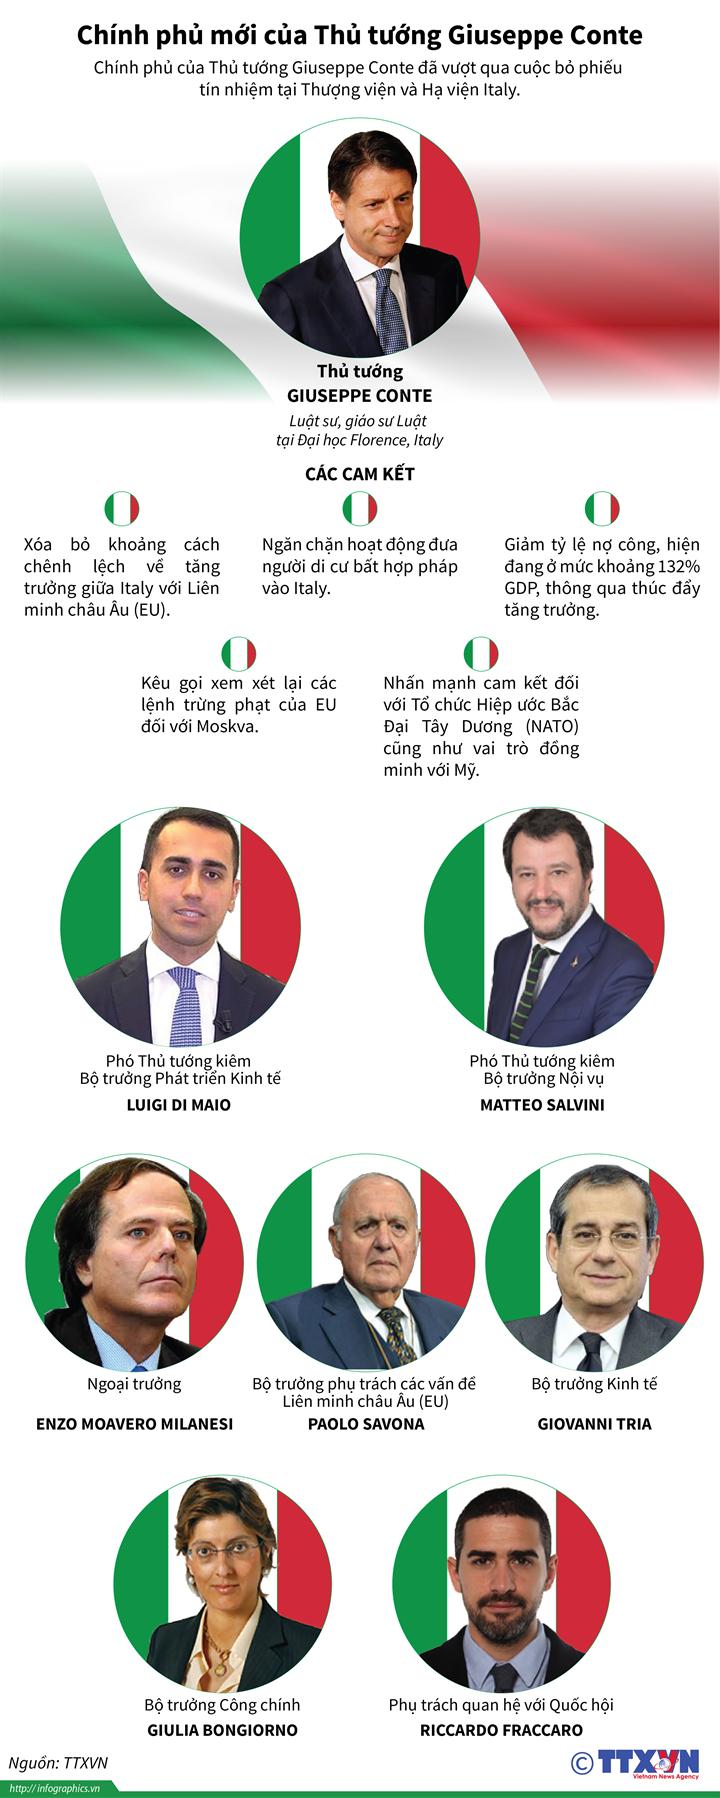 Chính phủ mới của Thủ tướng Giuseppe Conte